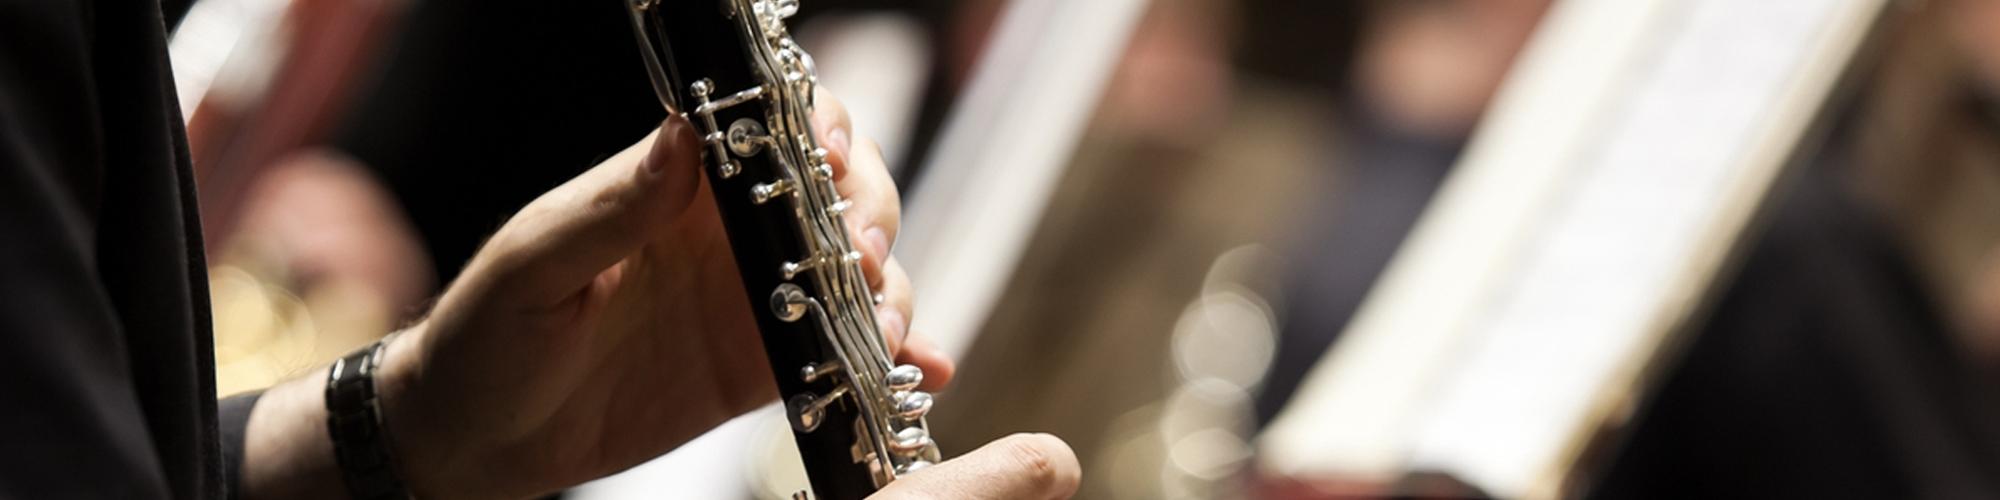 musico tocando el clarinete